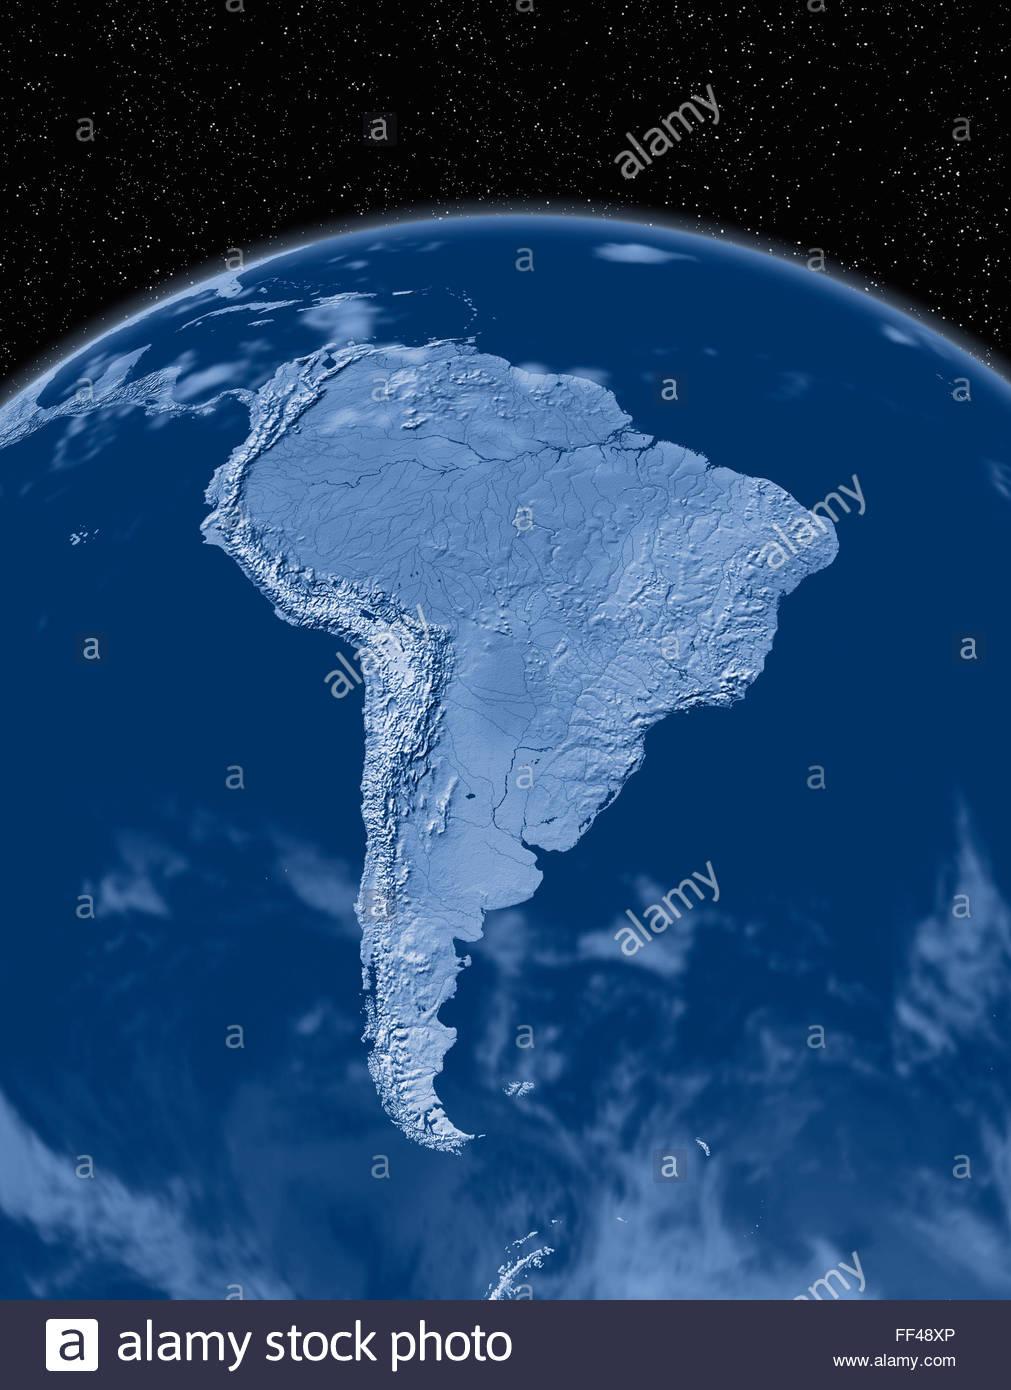 Vue simulée d'une partie de la terre de l'espace Amérique du Sud carte du monde globe espace planète Photo Stock